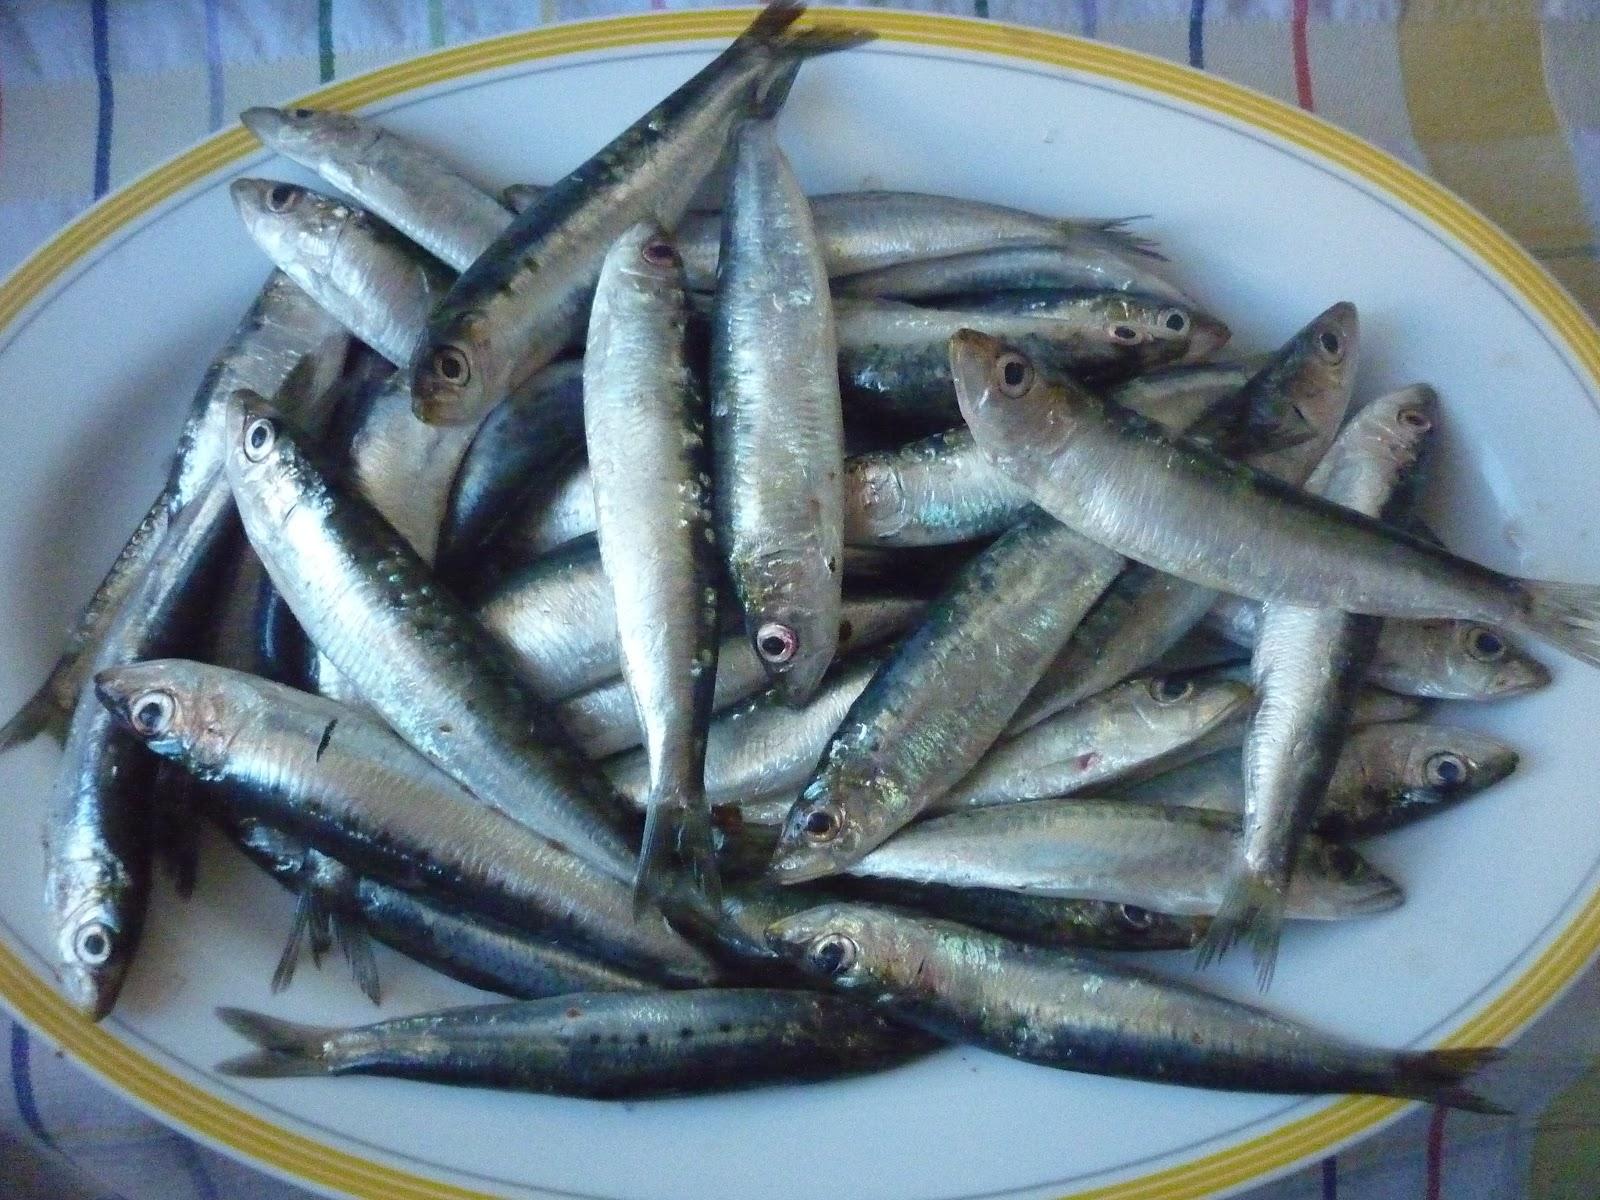 Comprar y cocinar en crisis sardinas parrochas - Como cocinar sardinas ...